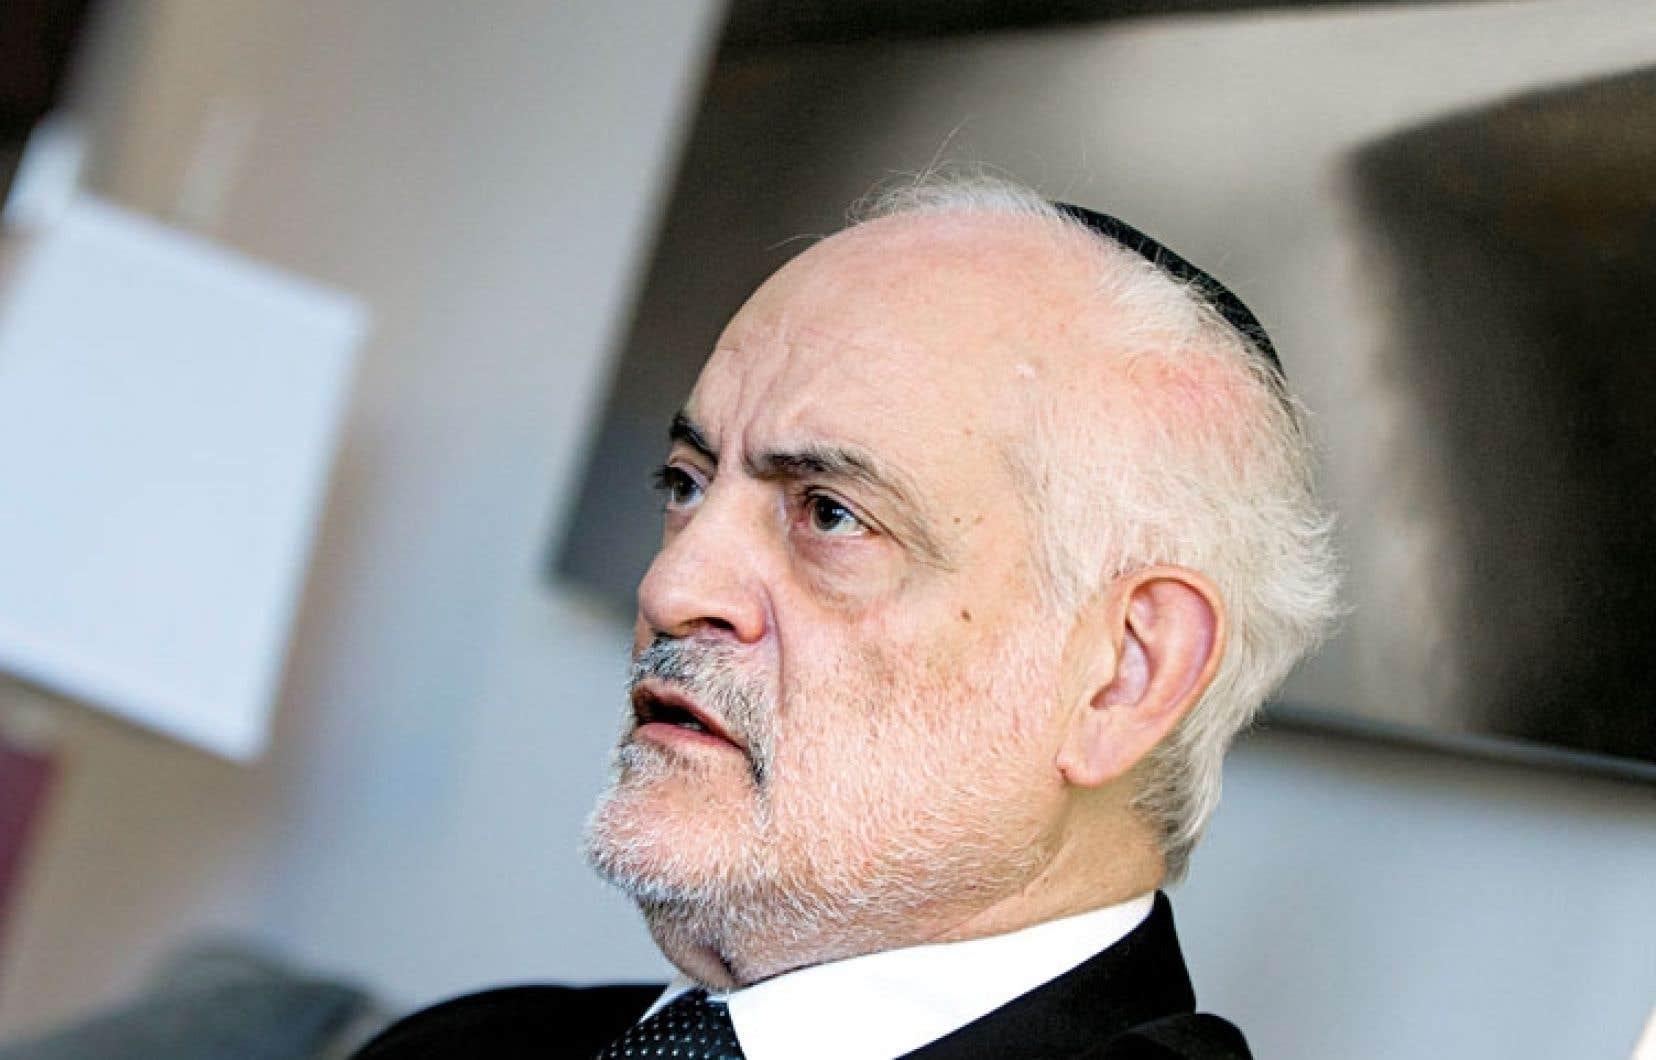 Selon le rabbin Michel Serfaty, les Juifs ne voient pas d'inconvénient à demander à leurs enfants de retirer leur kippa pour aller en classe.